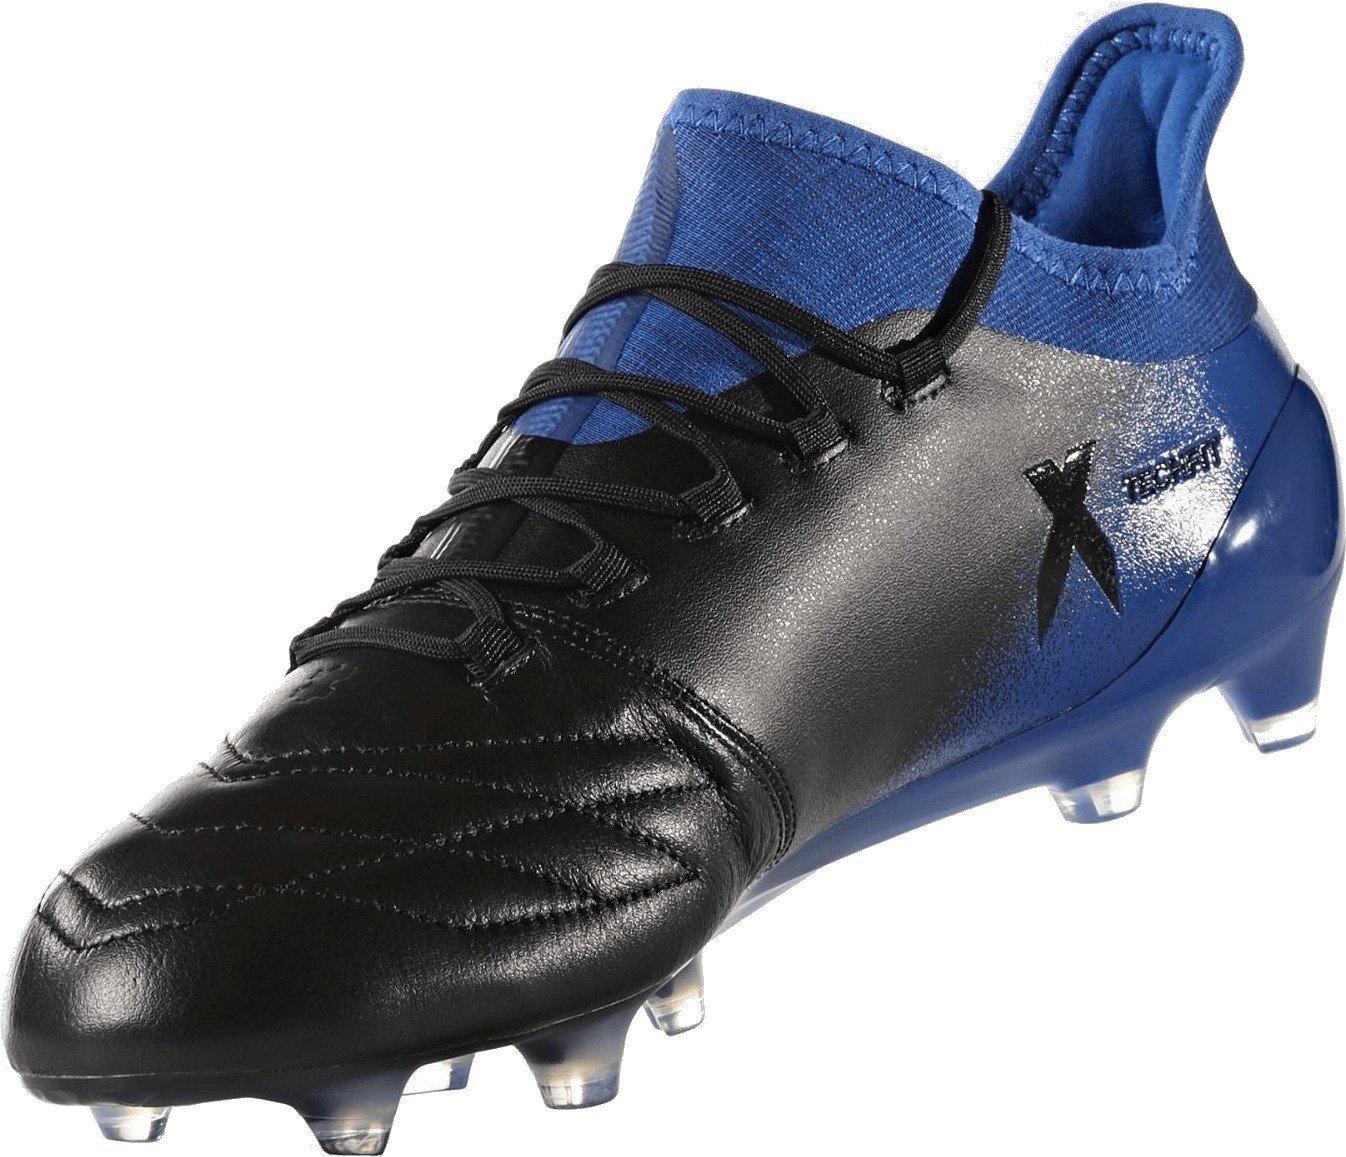 Adidas X 16.1 FG Leather